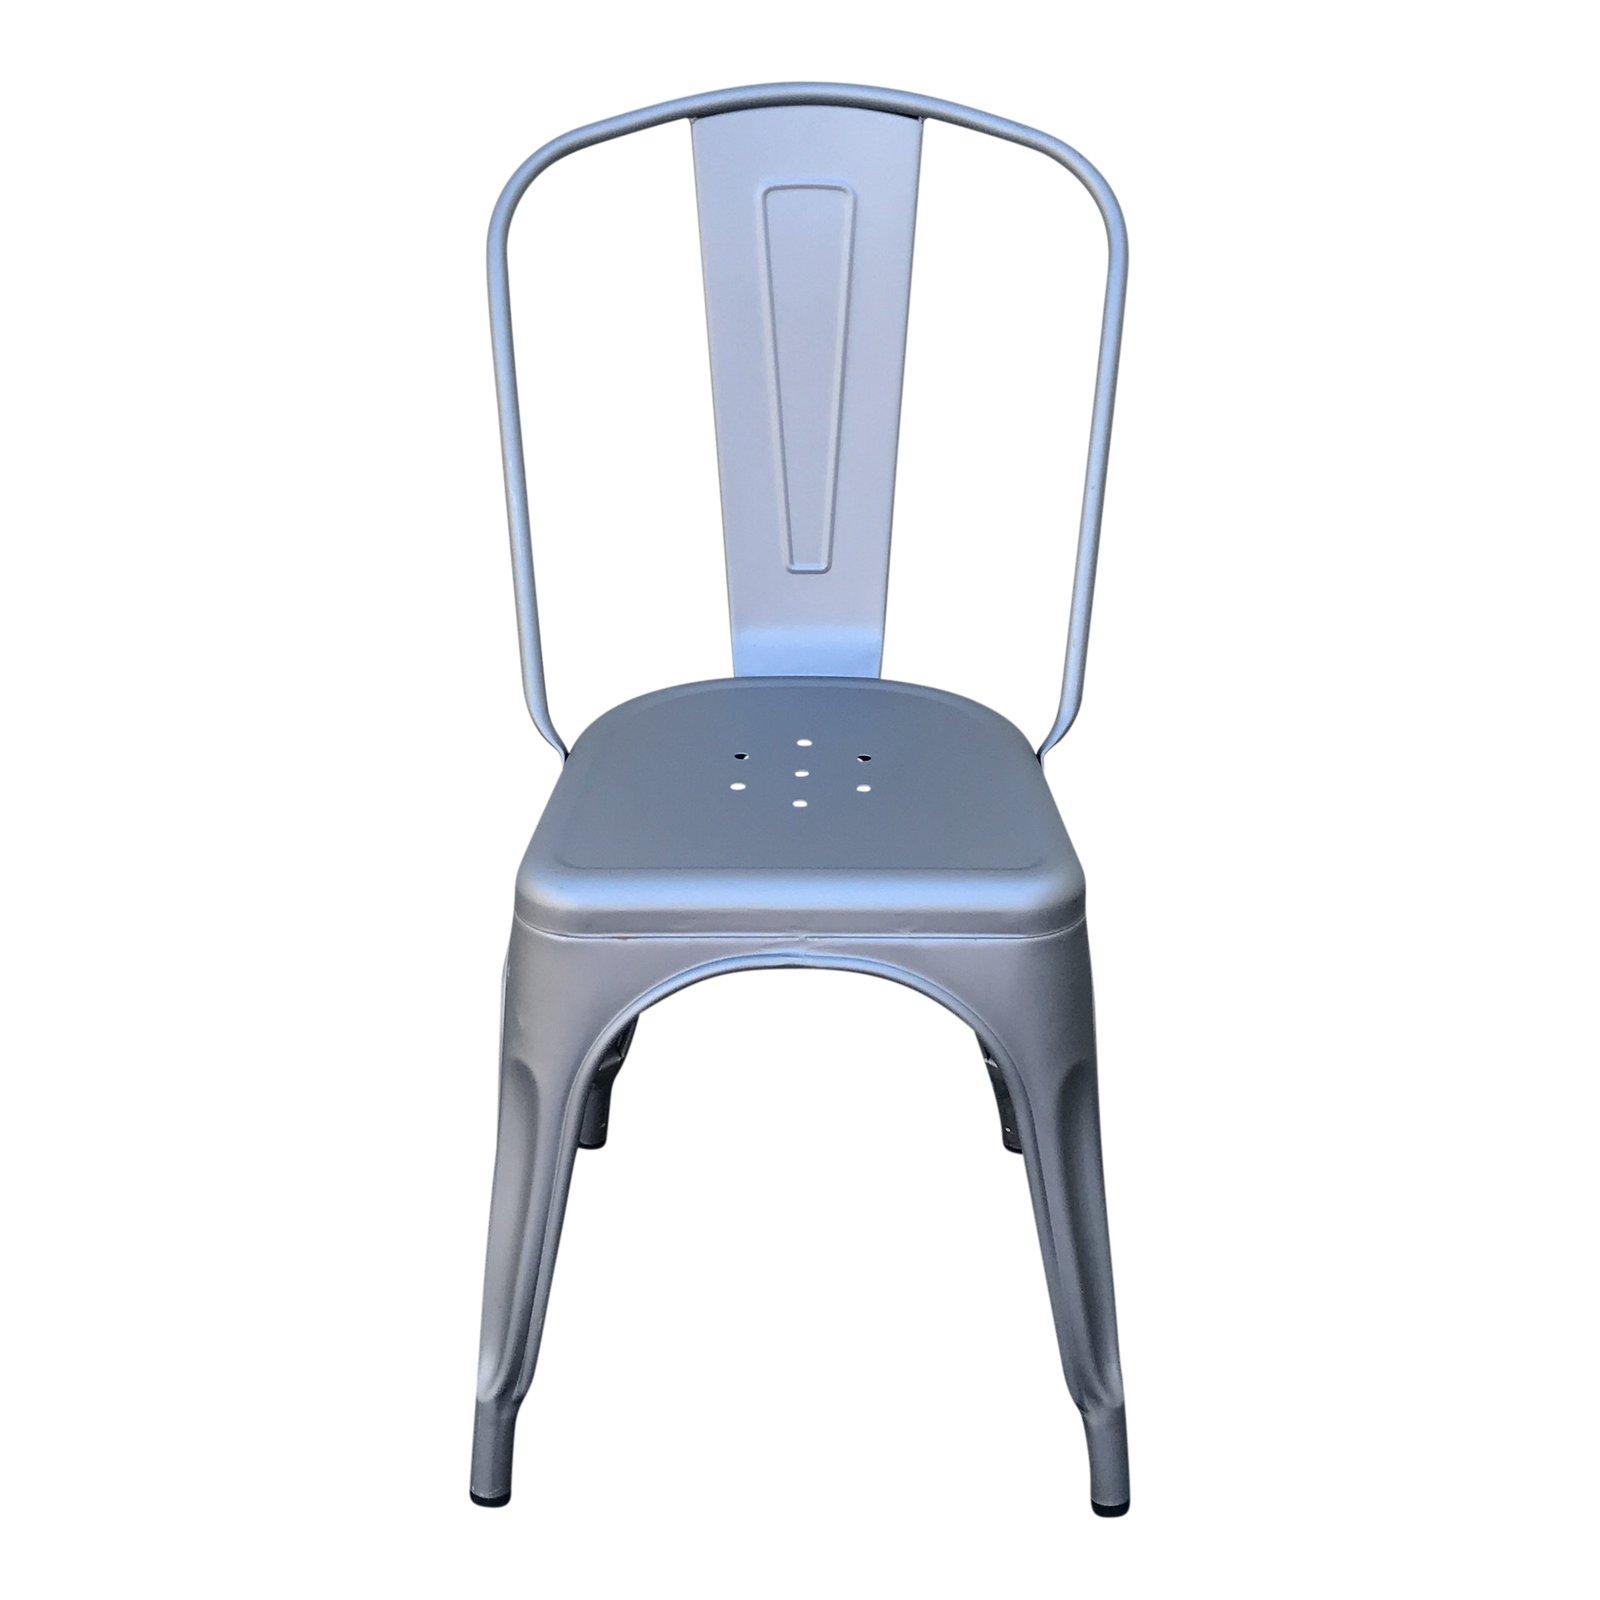 matte-silver-tolix-chair-2317.jpg